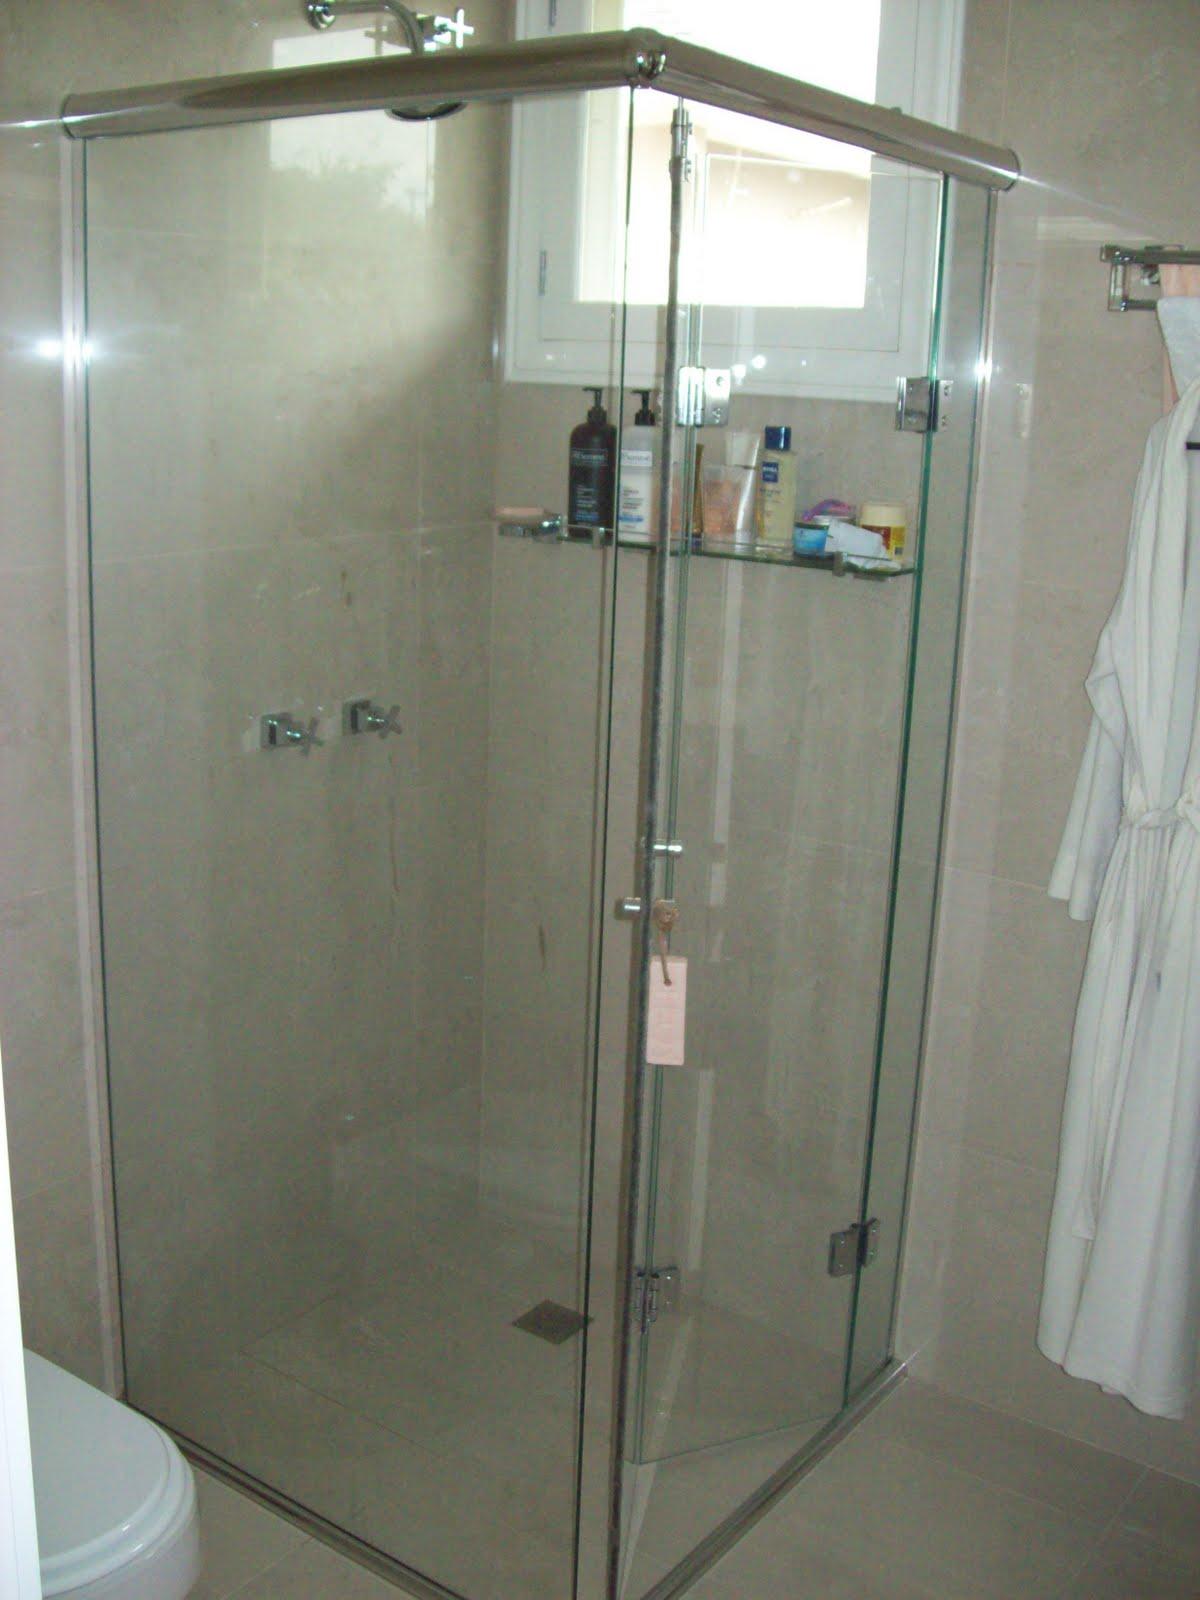 Postado por Vidraçaria Reformarte às 18:48 #496765 1200x1600 Banheiro Box De Canto